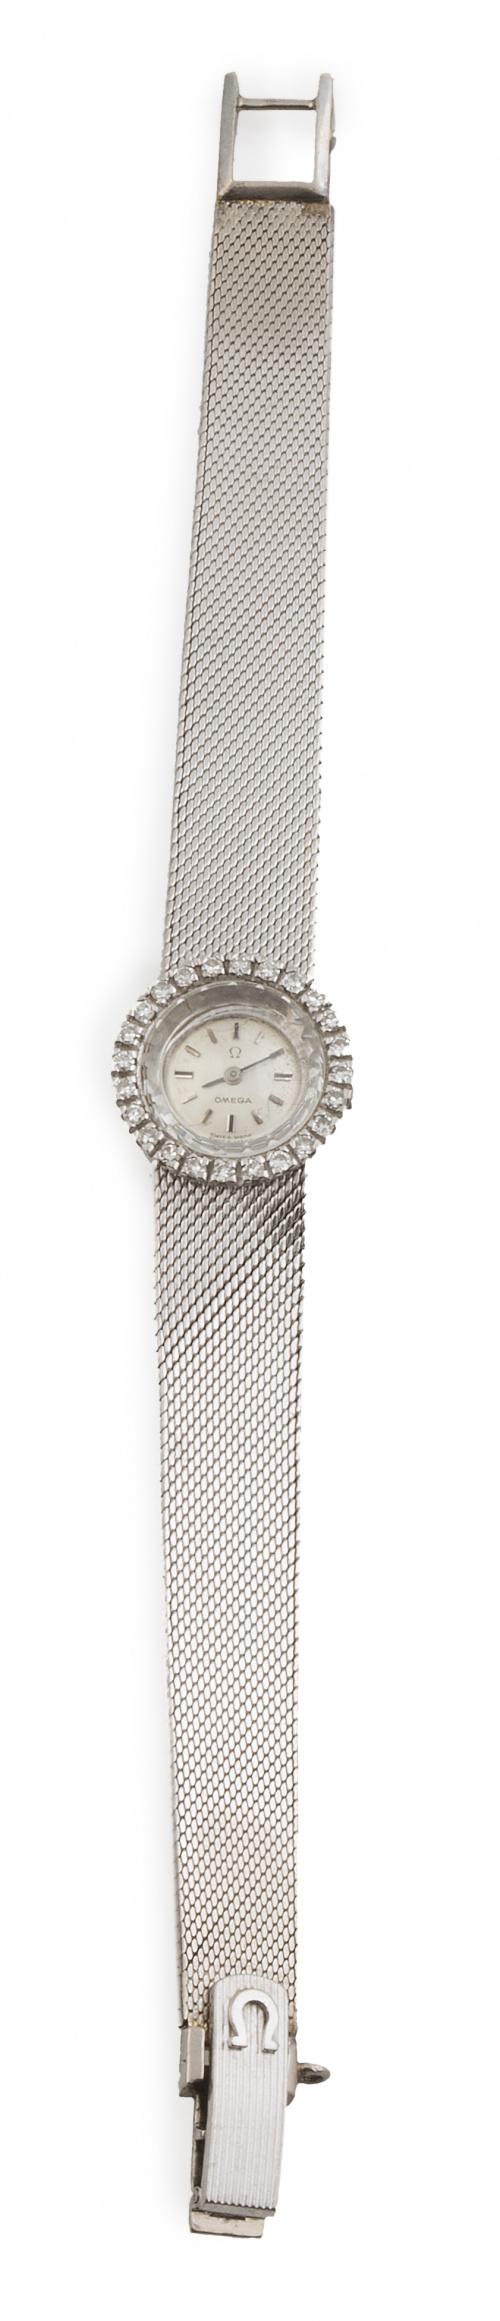 Reloj OMEGA años 60 en oro blanco de 18K orlado de brillant